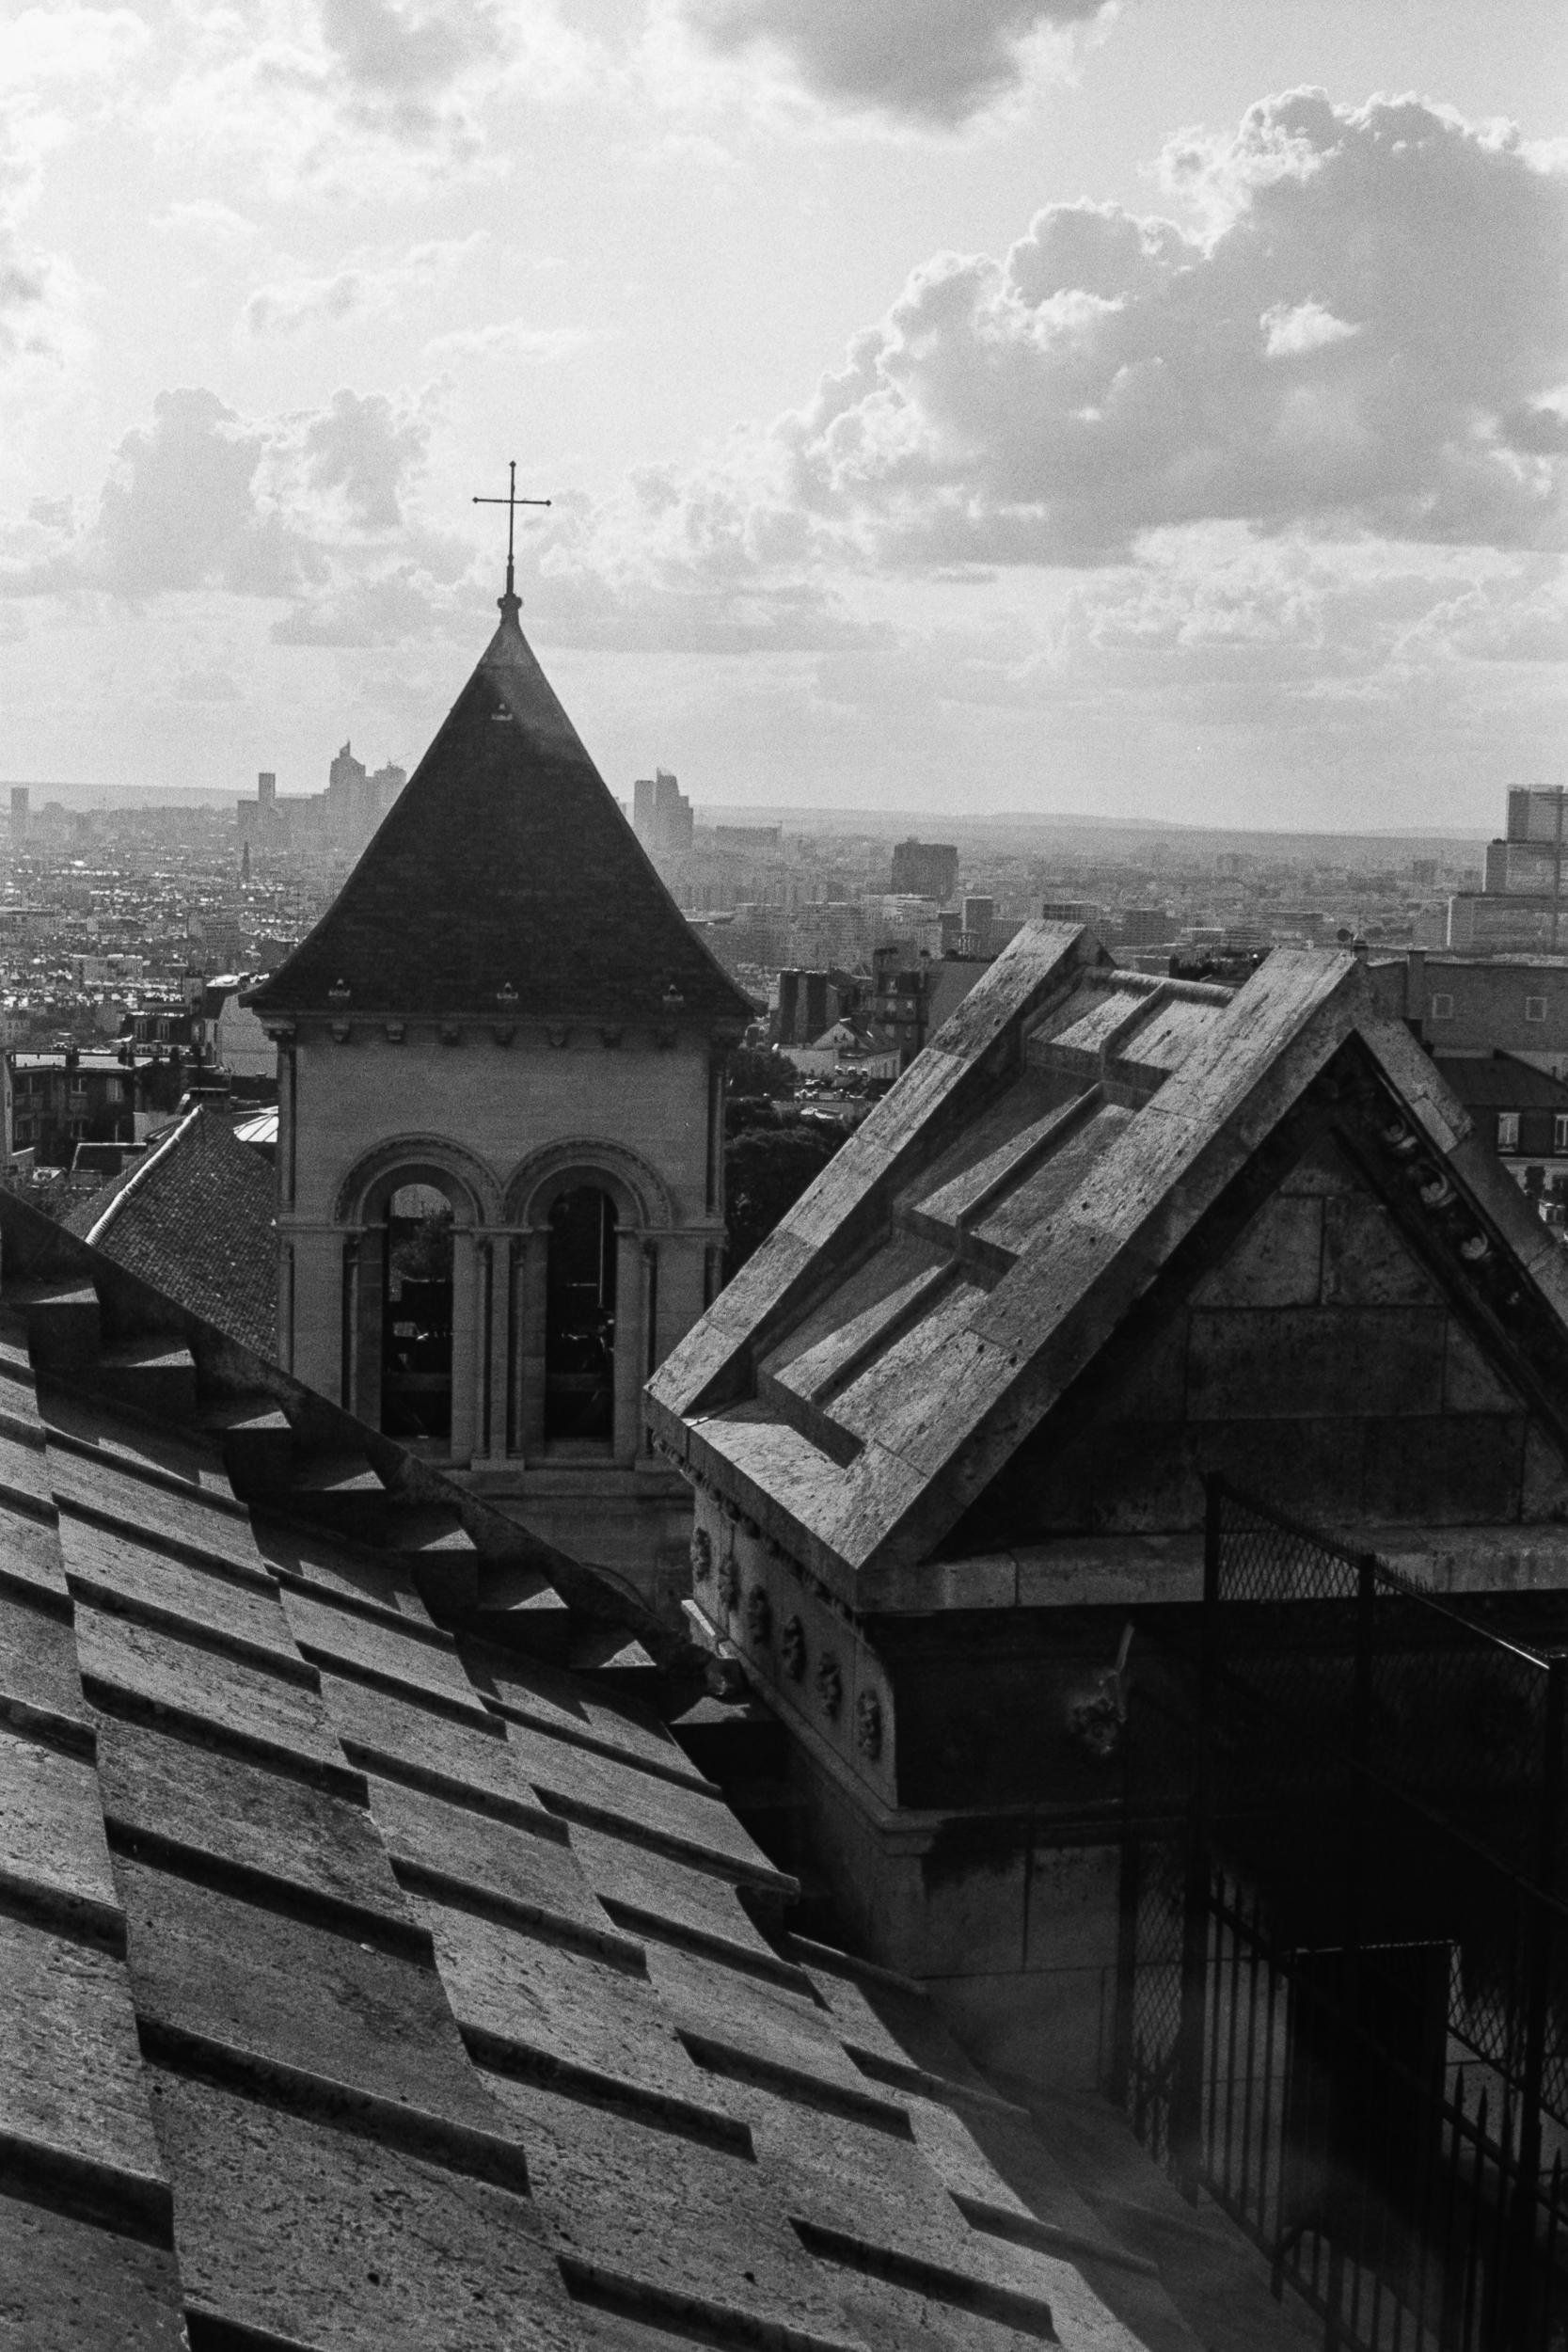 A view from Sacré-Cœur, Paris, 2019.